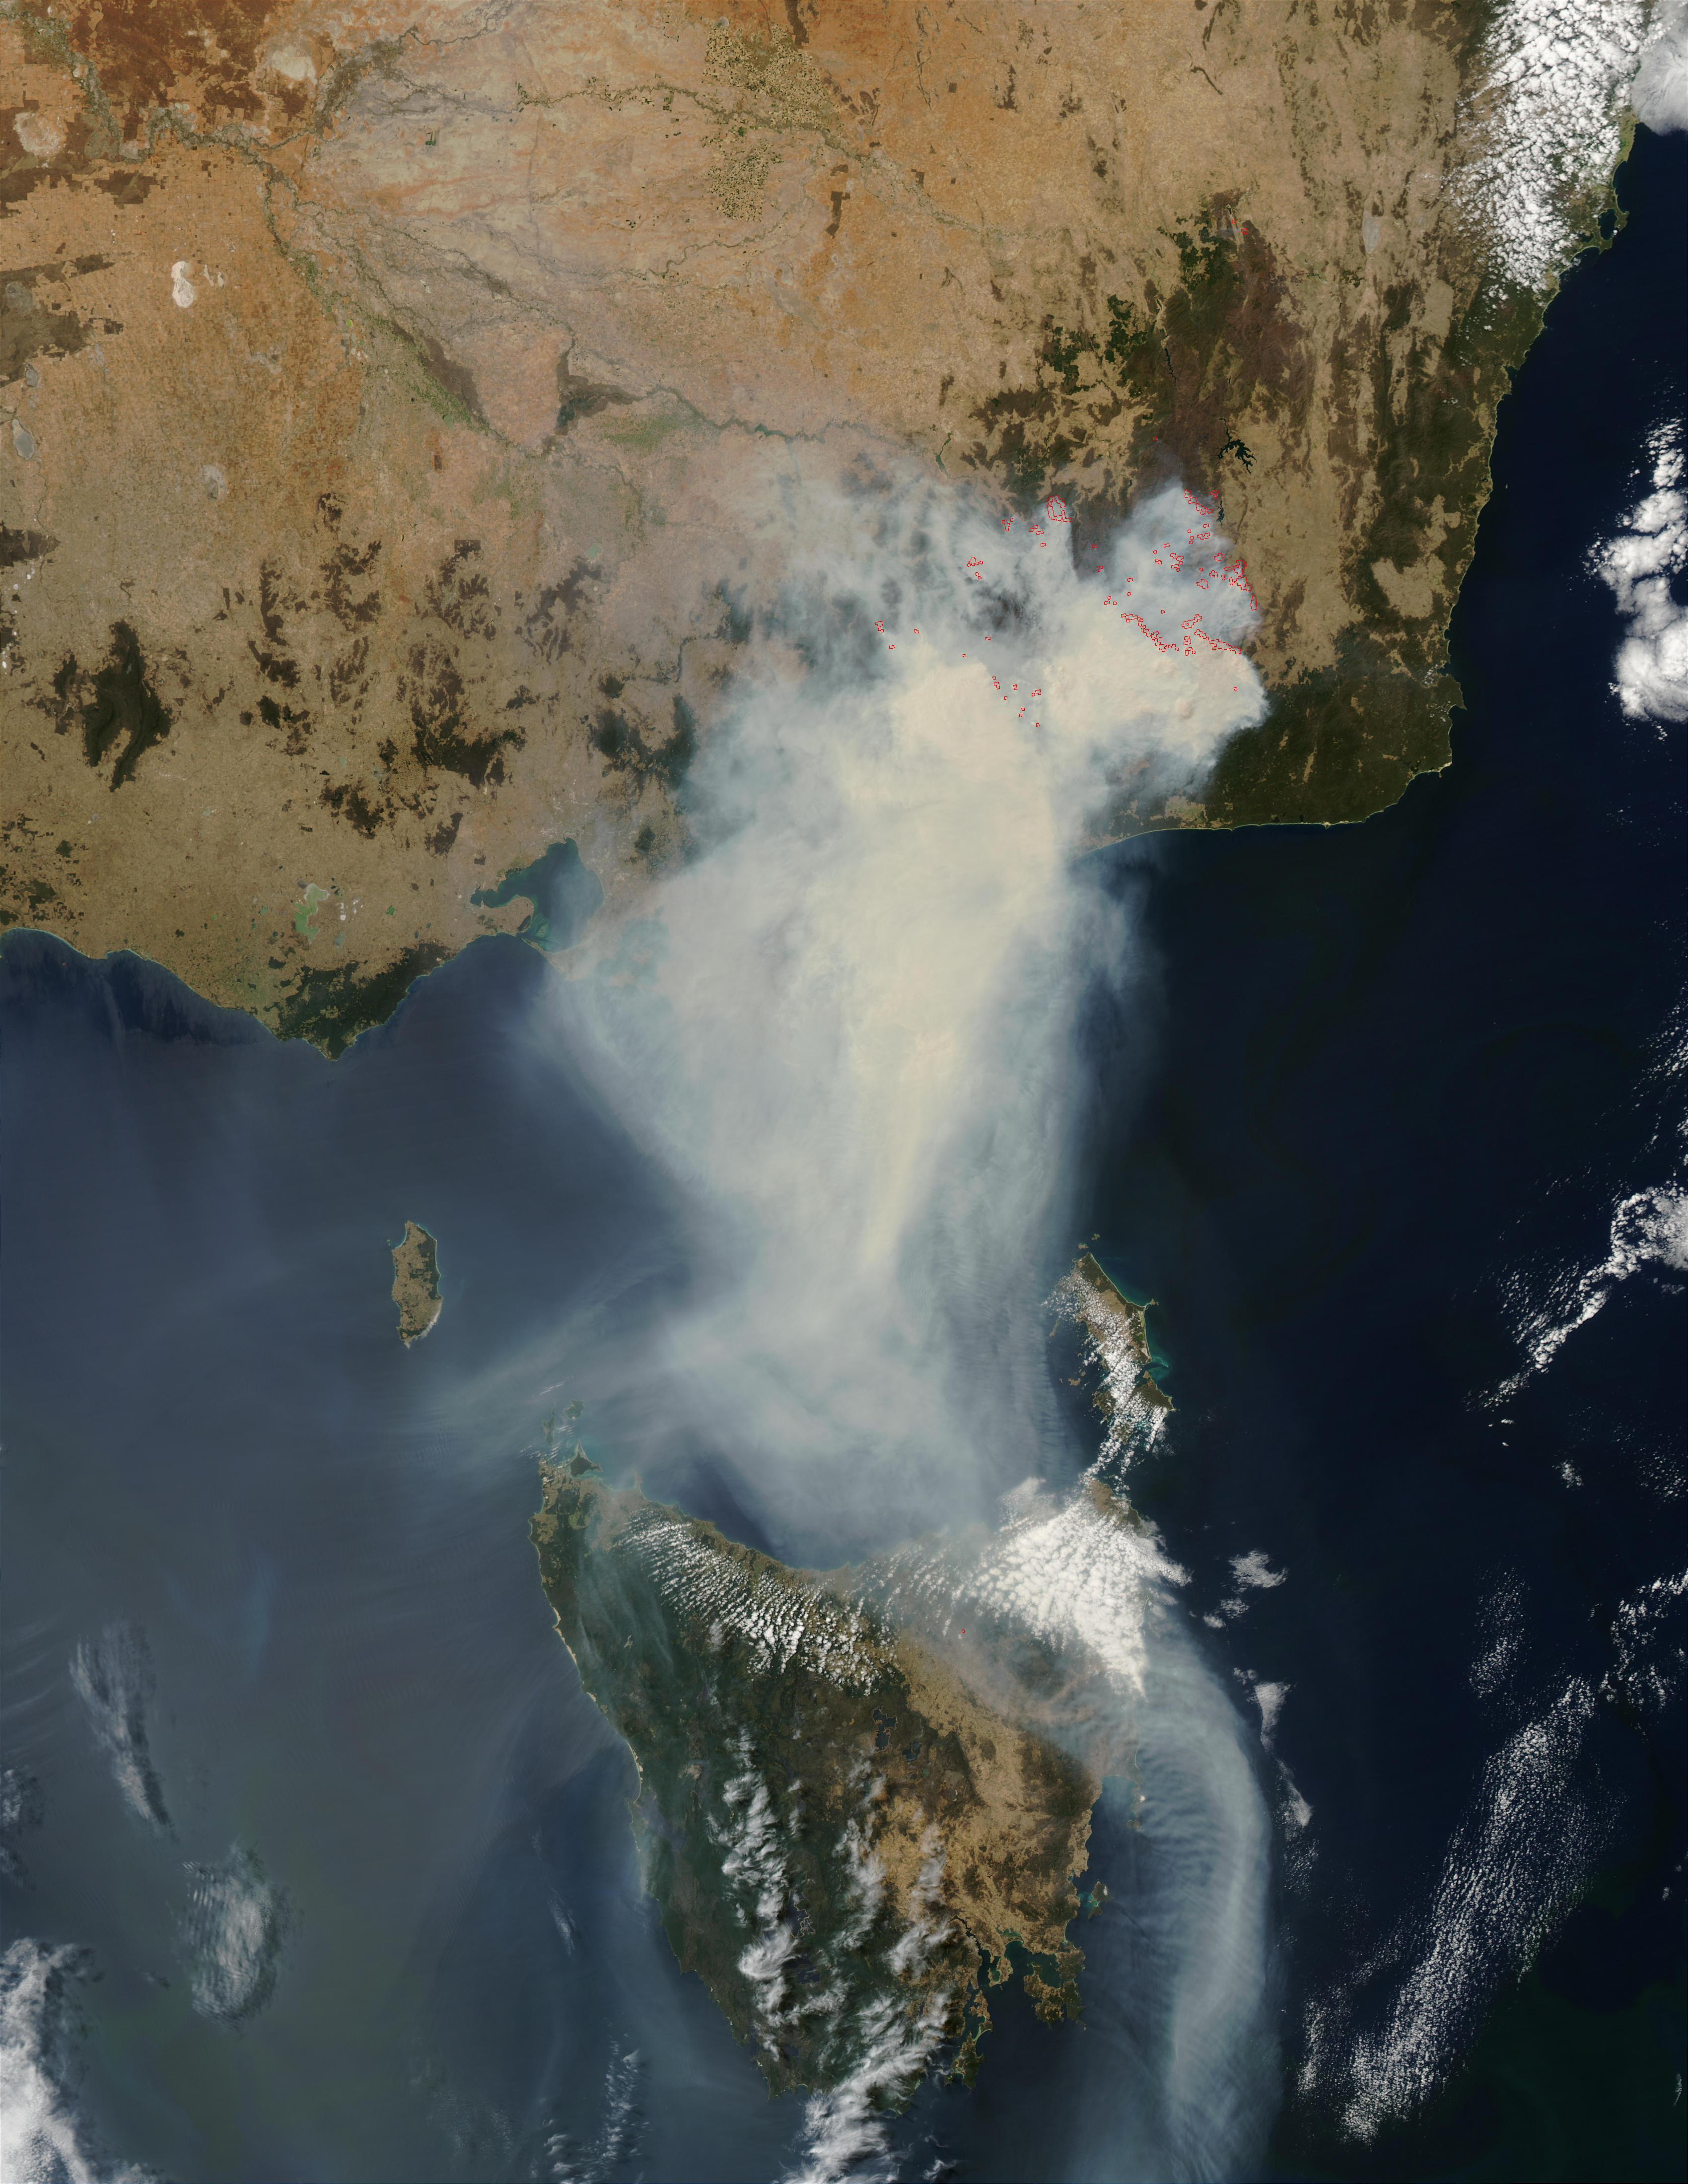 Incendios y humo en el sureste de Australia (seguimiento satelital de la tarde)